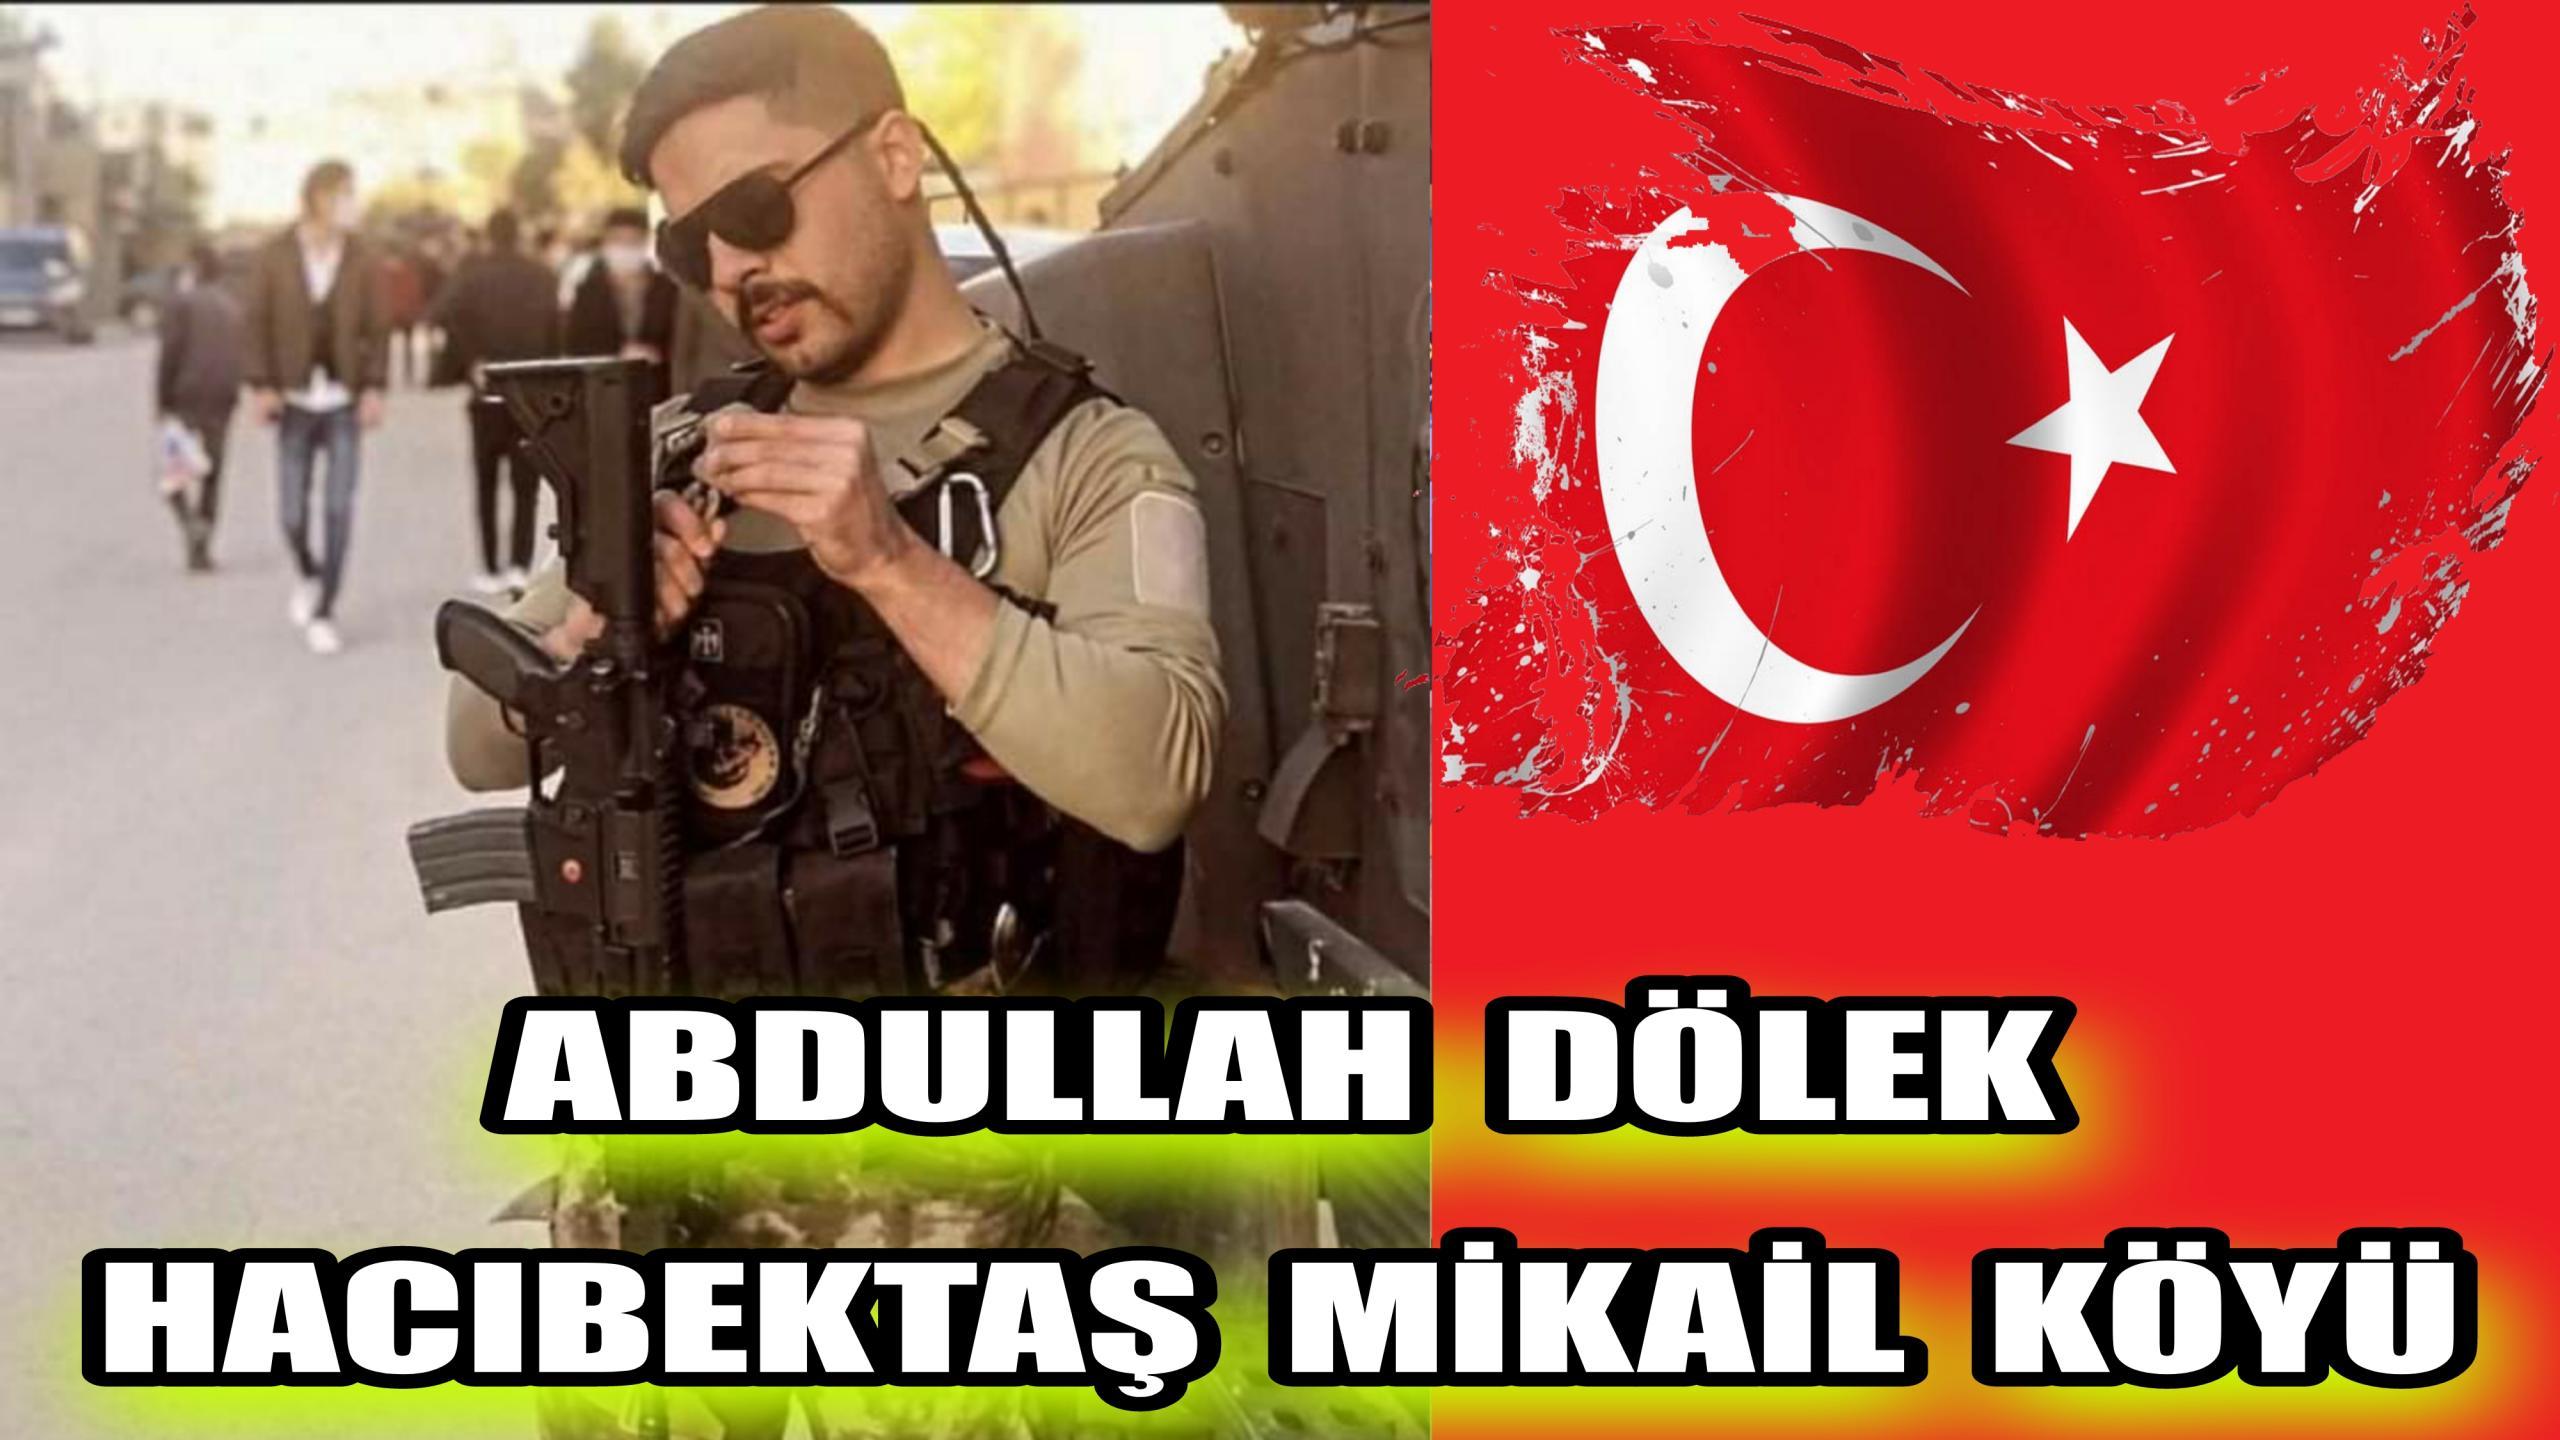 ŞEHİDİN VAR TÜRKİYEM / HACIBEKTAŞ